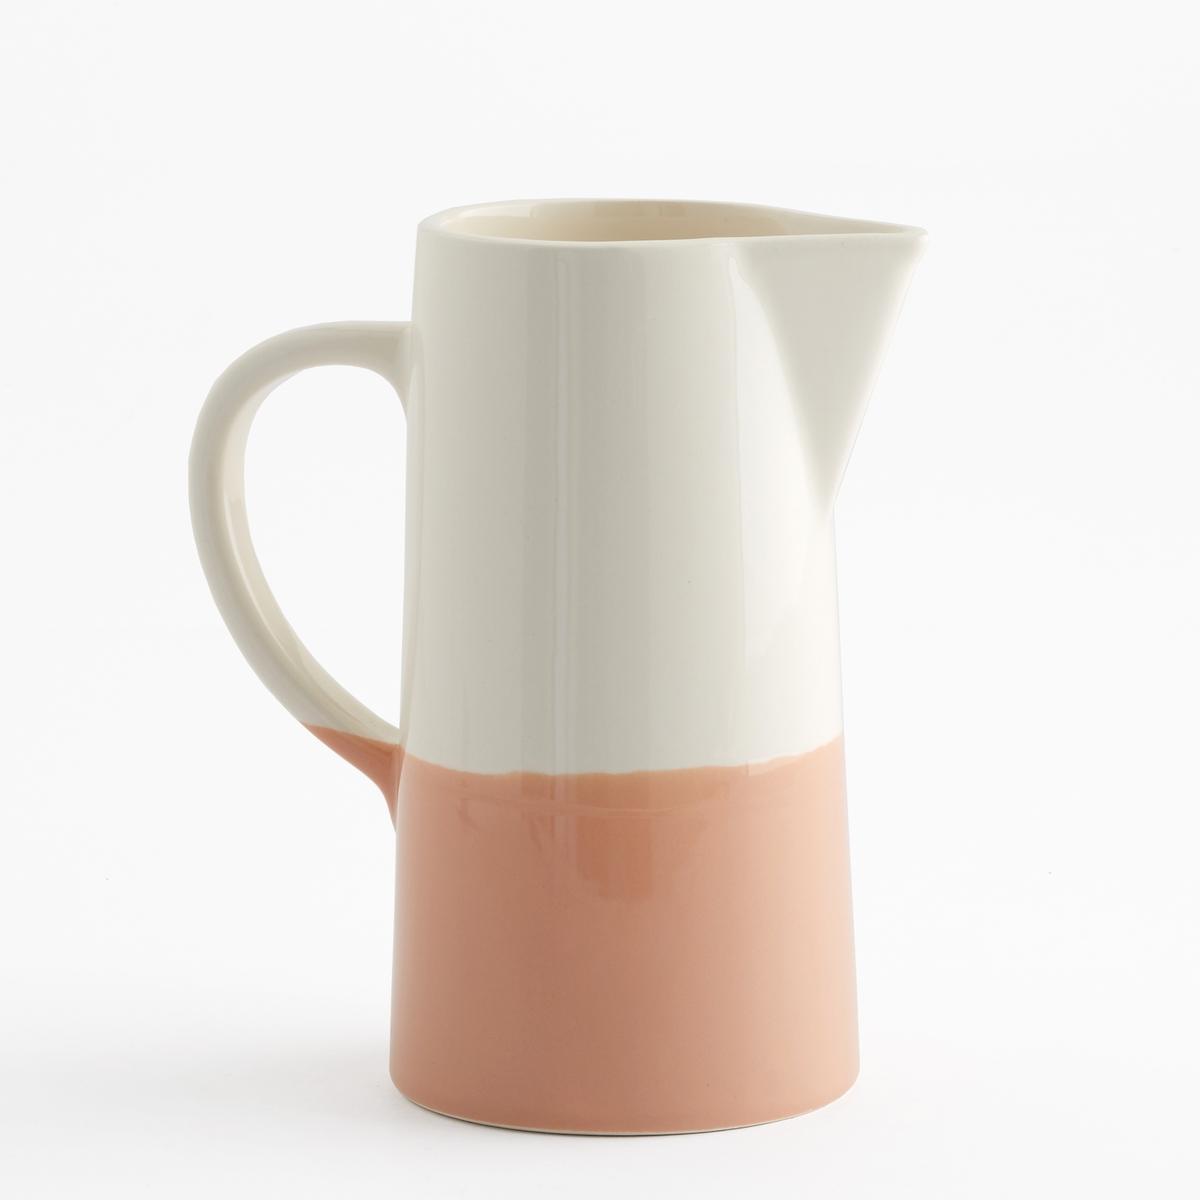 Графин двухцветный из керамики, ZalatoZalato - это изящная форма, большой объем, строгий аутентичный дизайн, расцветка из двух цветов для сочетания с Вашим внутренним интерьером.Характеристики двухцветного графина из керамики Zalato :Керамика.Размеры двухцветного графина из керамики Zalato :Высота : 15,5 см.Диаметр. внизу : 10,5 cм.Диаметр. вверху : 8,5 см.Цвета двухцветного графина из керамики Zalato :Белый / розовый.Белый / синий.Белый / зеленый. Другие графины и предметы декора стола вы можете найти на сайте laredoute.ru<br><br>Цвет: белый + розовый,белый + светло-зеленый,белый/охра<br>Размер: единый размер